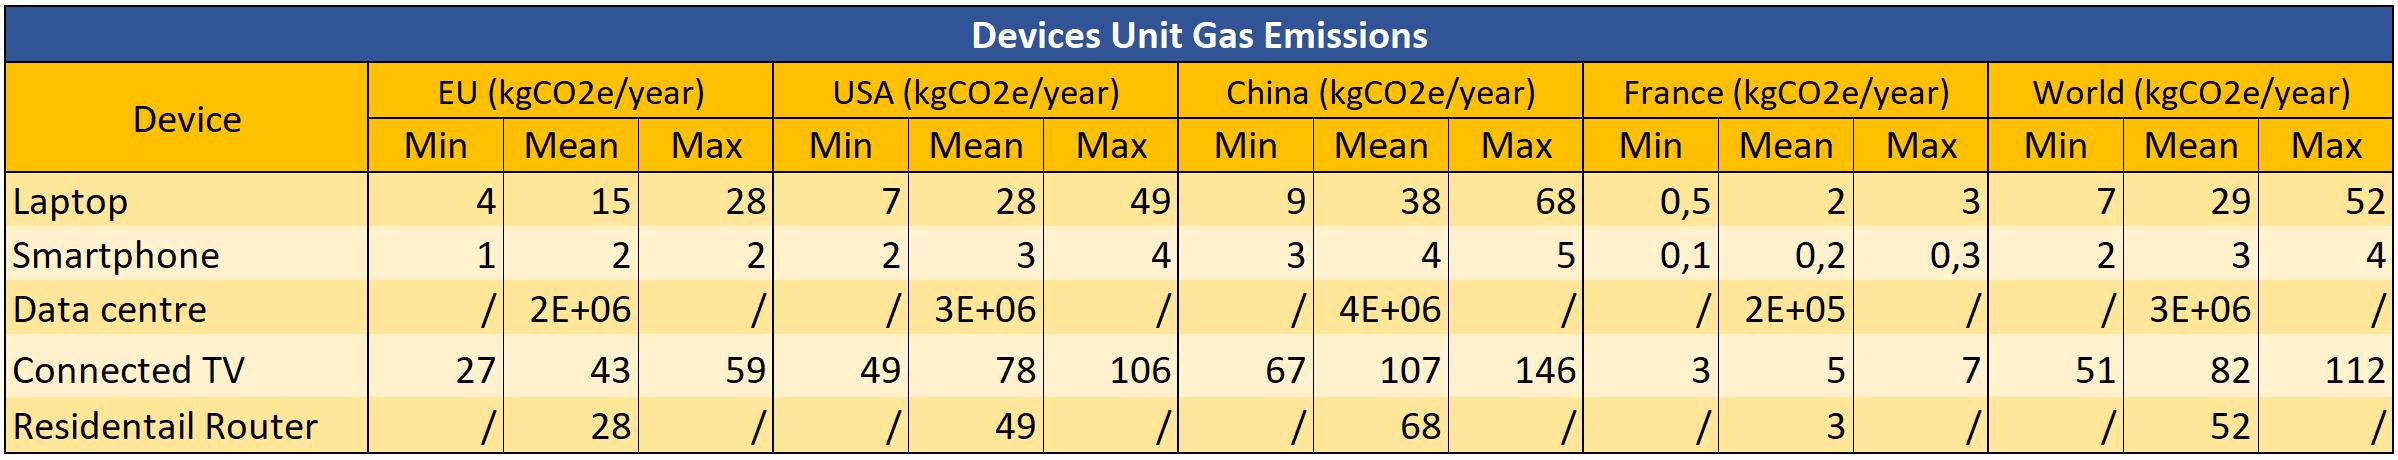 Impact carbone de l'utilisation des appareils électroniques selon la zone géographique